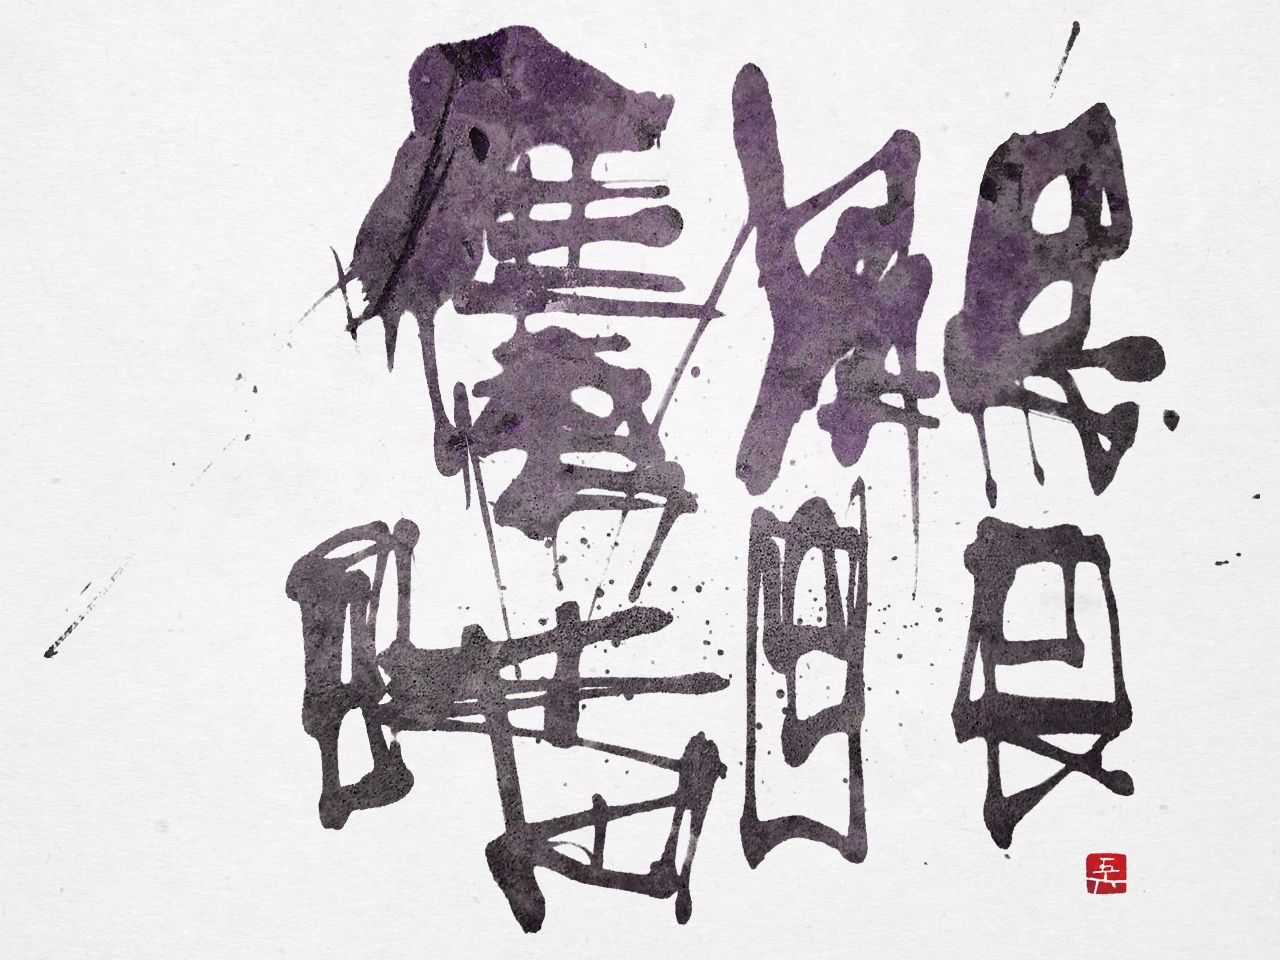 鶻眼鷹睛 禅語 禅書 書道作品 zen zenwords calligraphy